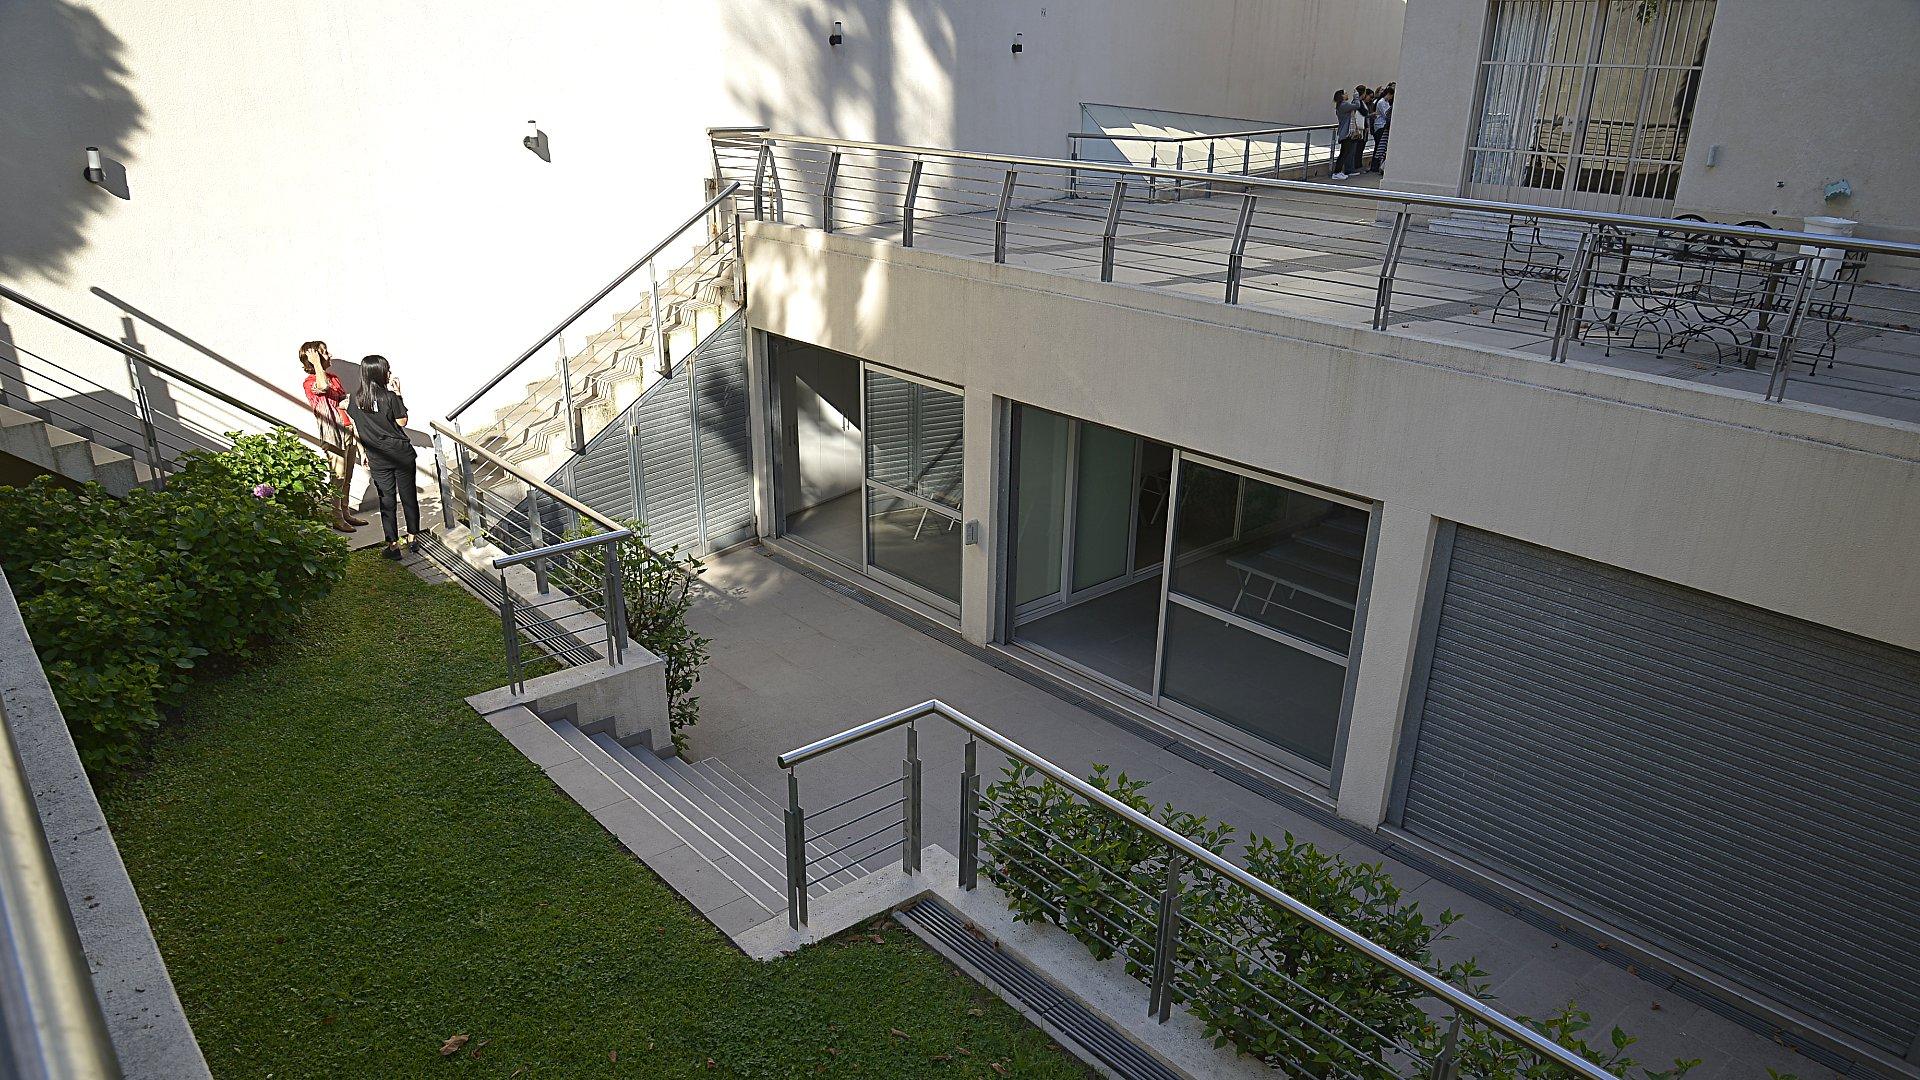 El jardín del interior de la casa. Escaleras y ventanales de vidrio. Una fachada interna moderna